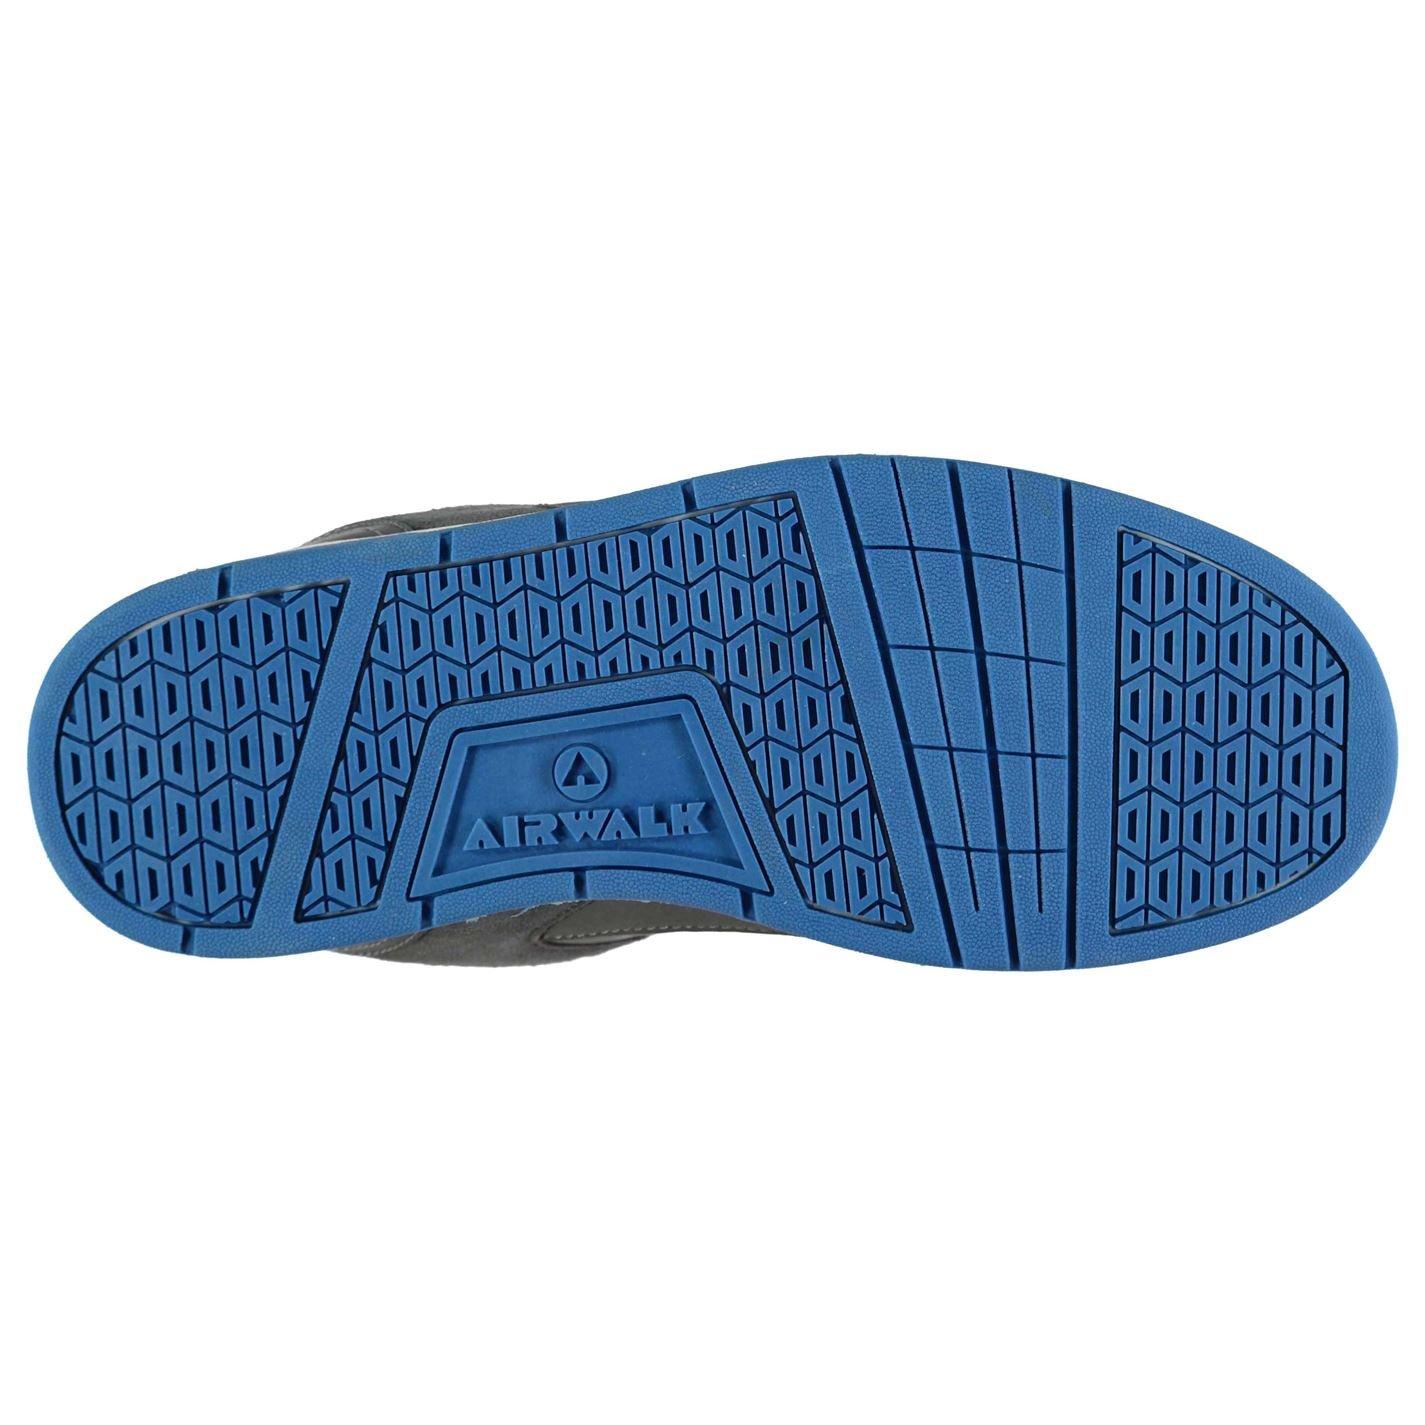 Airwalk Herren Throttle SN CL82 Skate Sportschuhe Grau/Blau 41 jAyfhsHVH